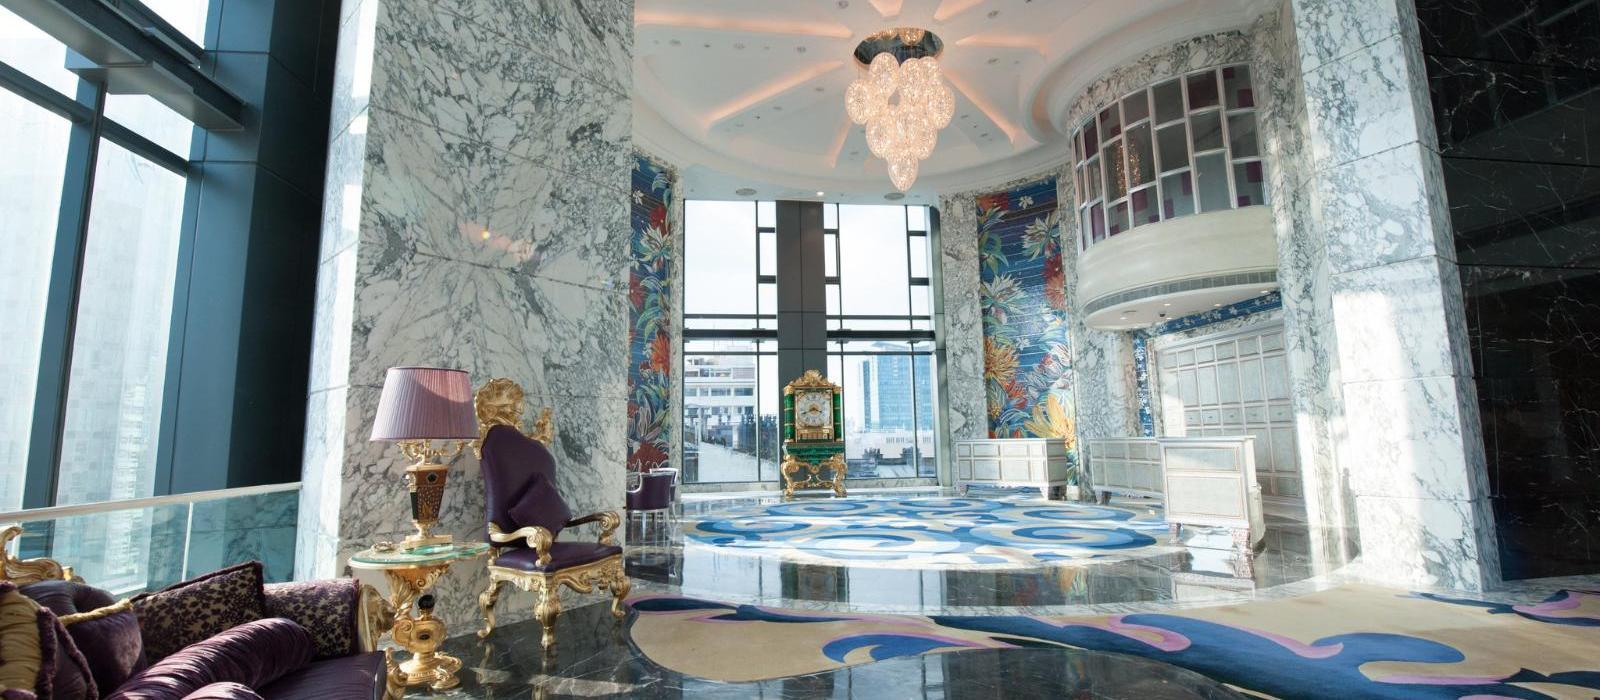 西贡万韻酒店(The Reverie Saigon) 图片  www.lhw.cn